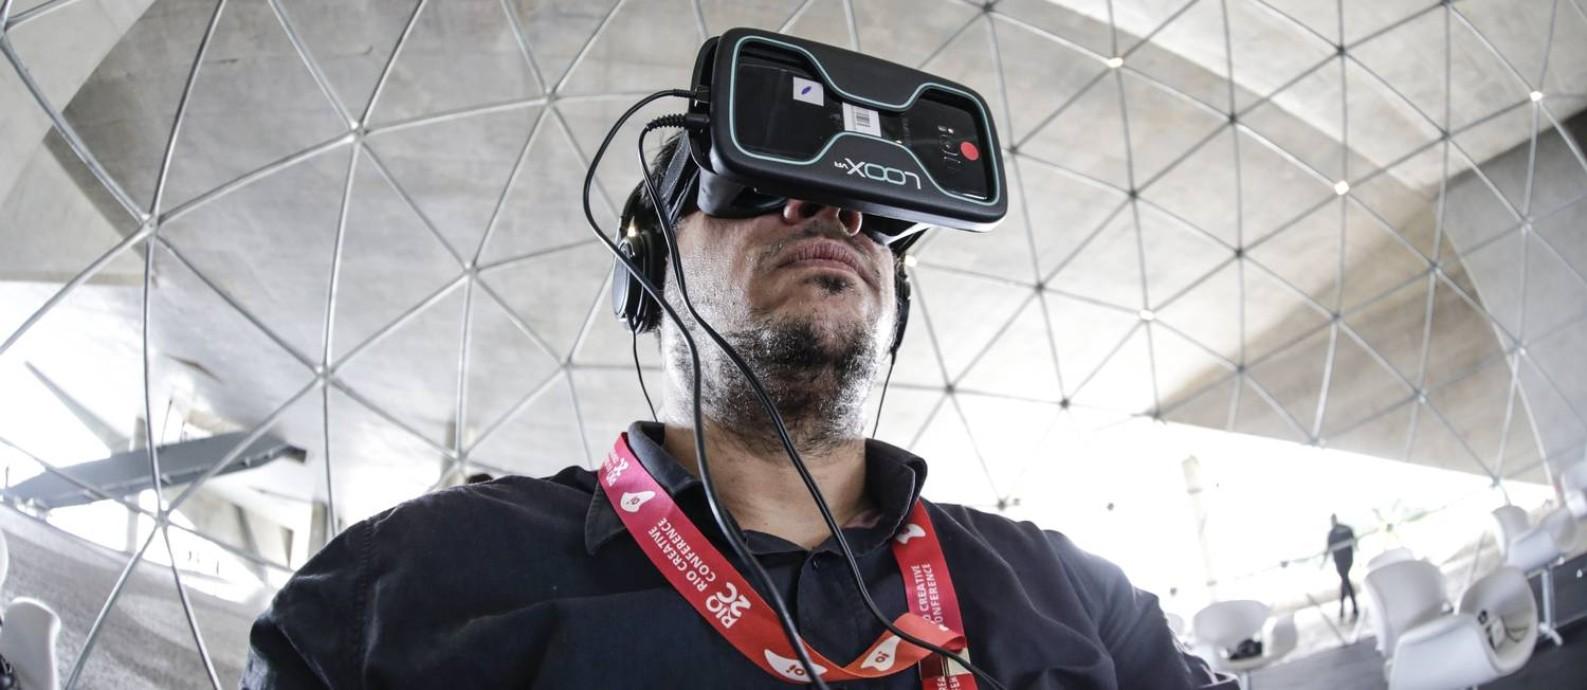 Rio2C debate música, realidade virtual e audiovisual, na Cidade das Artes Foto: Divulgação/Rogerio Resende/R2Foto